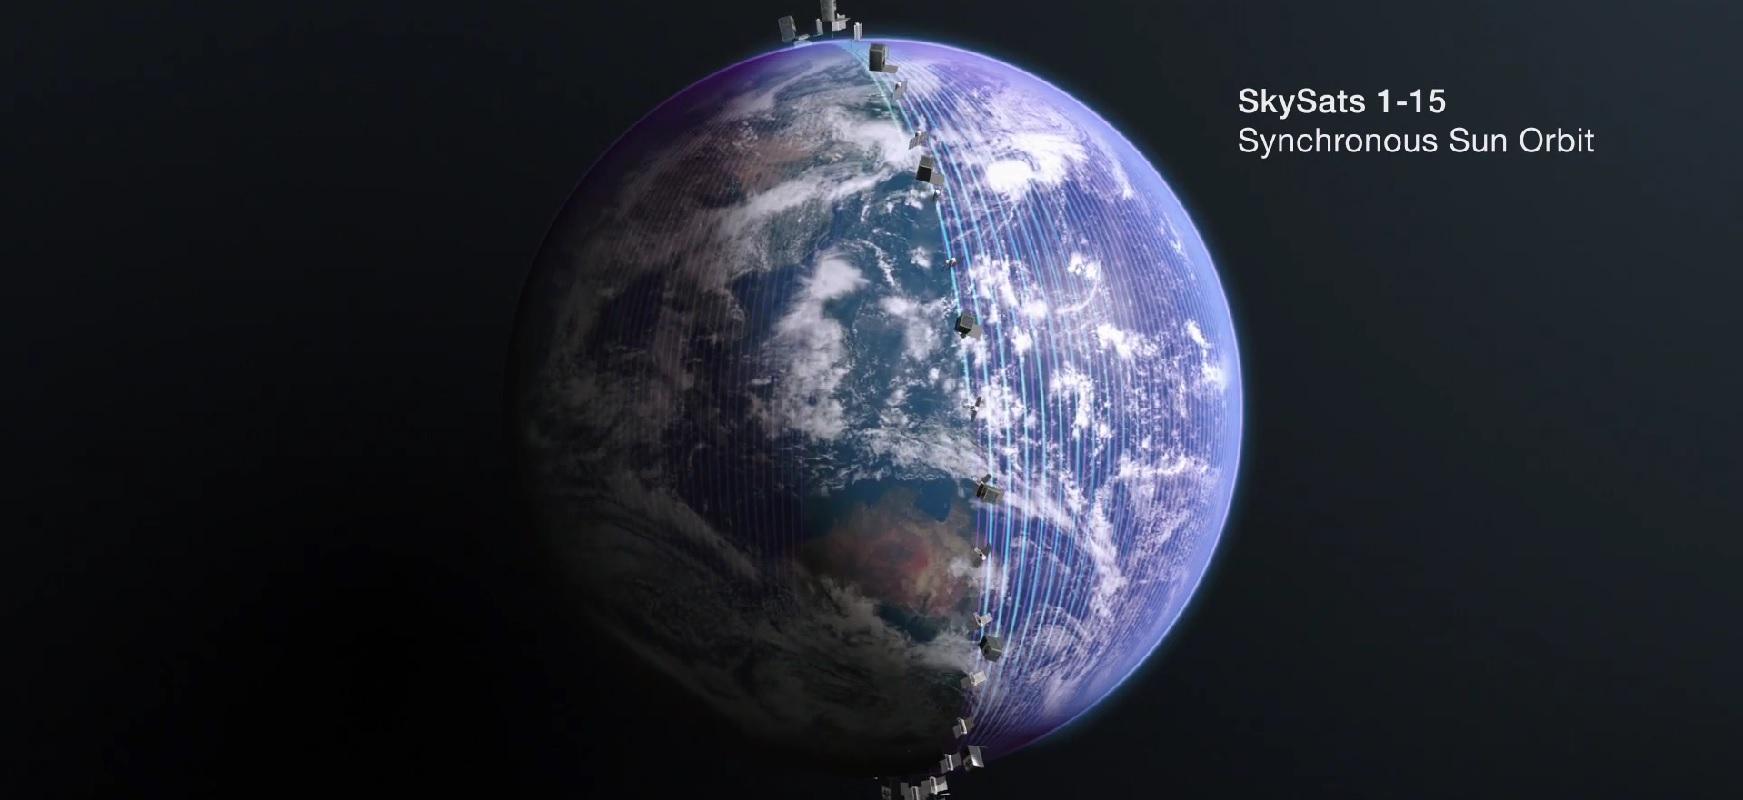 Starlinkik konpainia izango du.  SpaceX-k Lurrean sateliteak orbitara eramango ditu